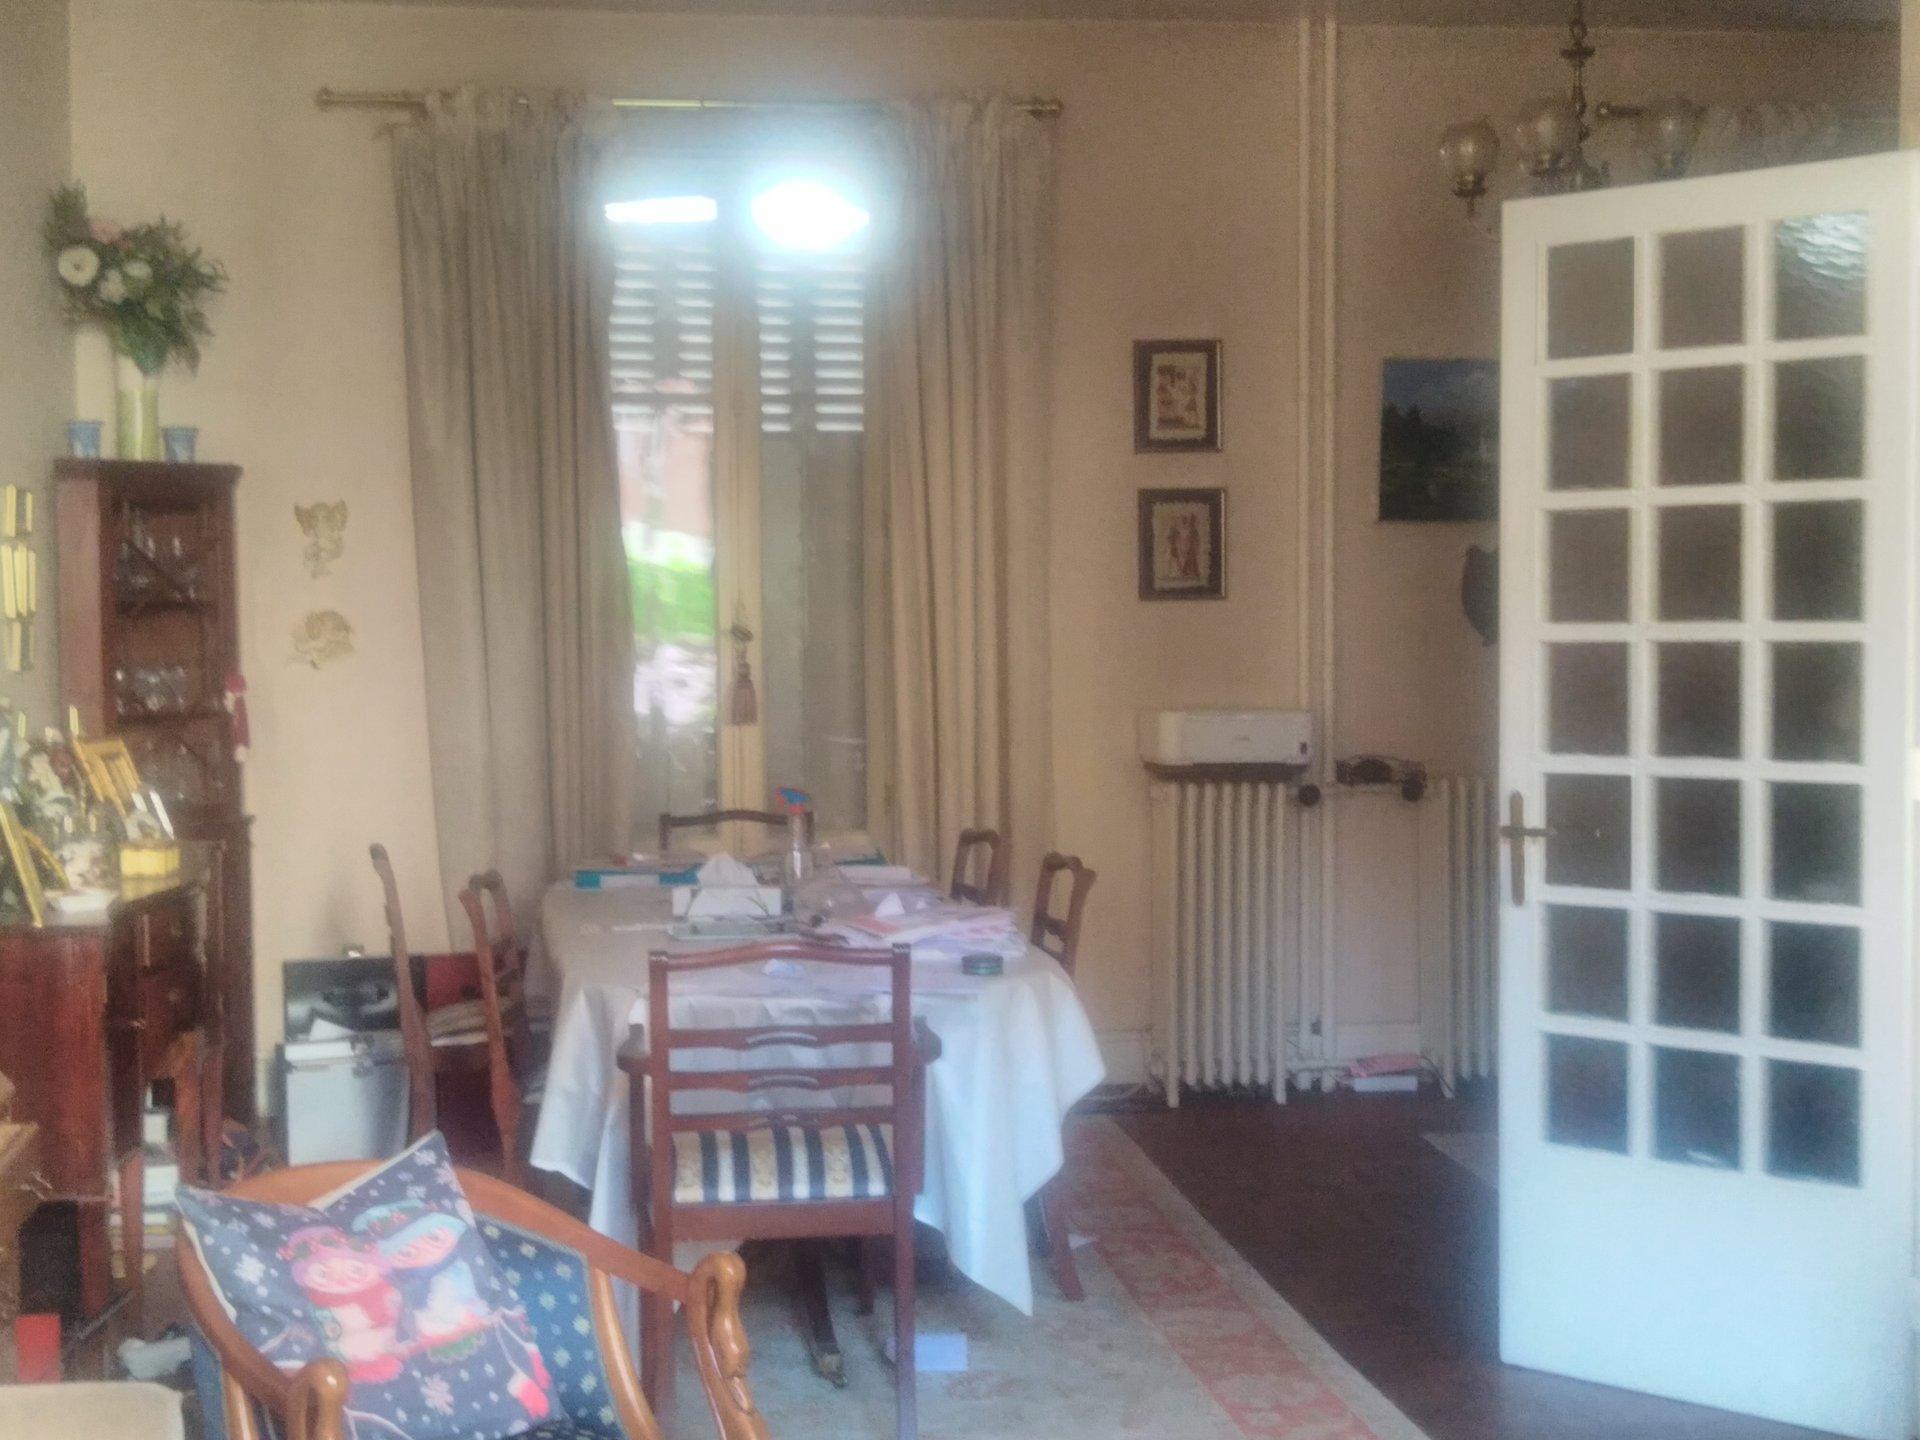 5830VBM - Maison possible 3 appts - Vichy Quartier Prisé